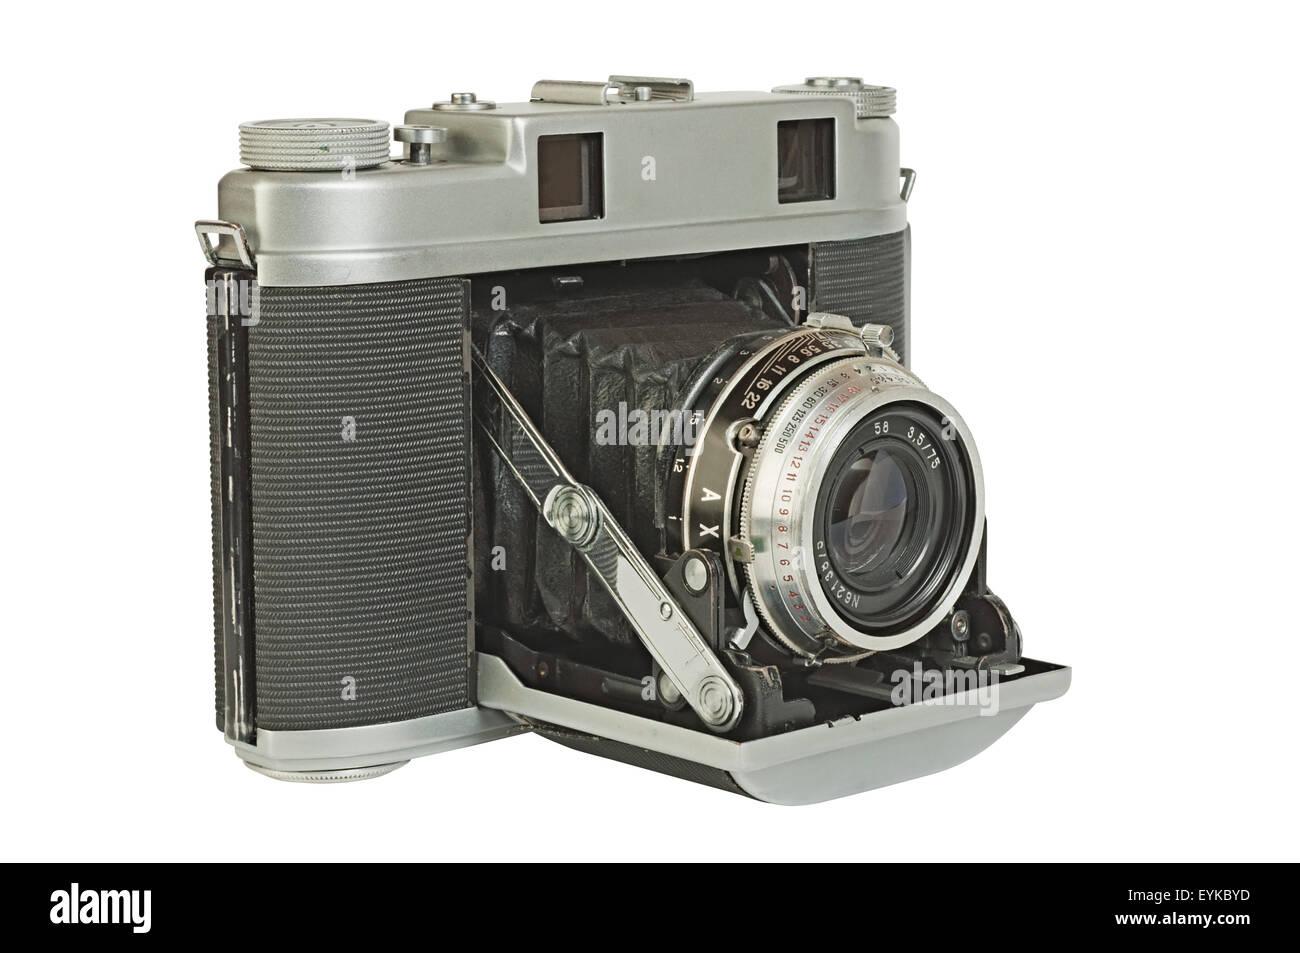 Alte foto kamera einen entfernungsmesser mit akkordeon falten